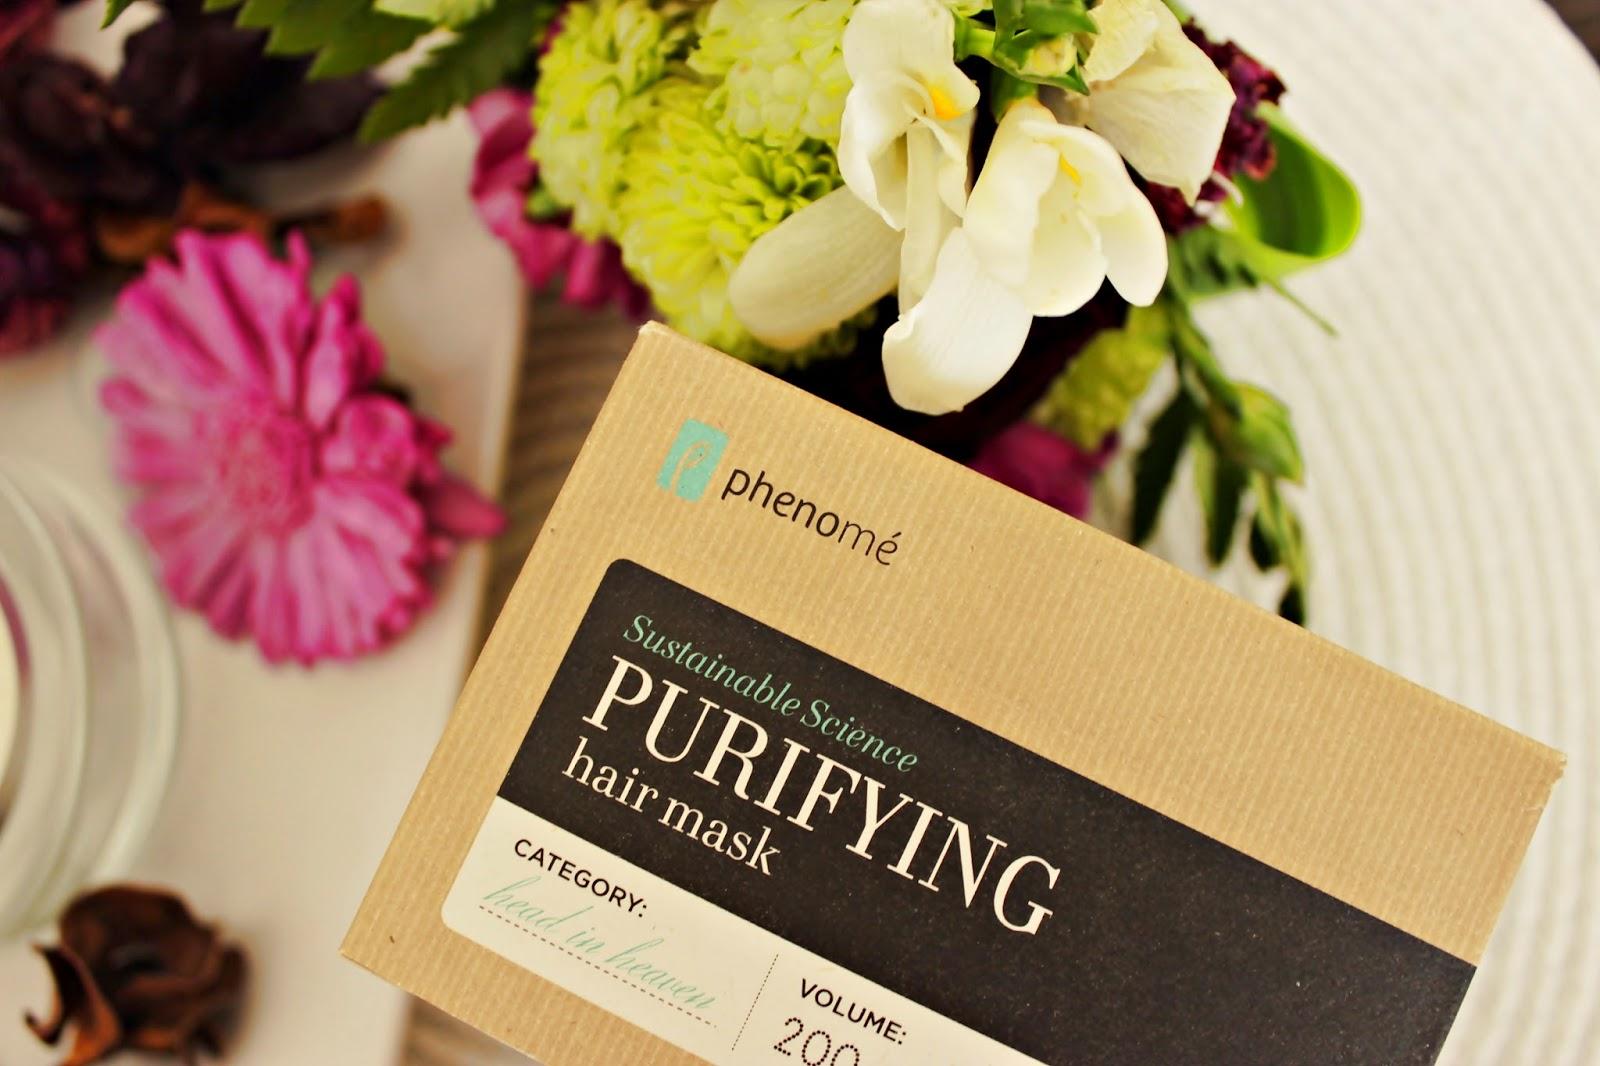 Phenome, maska oczyszczająca, Puryfying Hair Mask, pielegnacja włosów